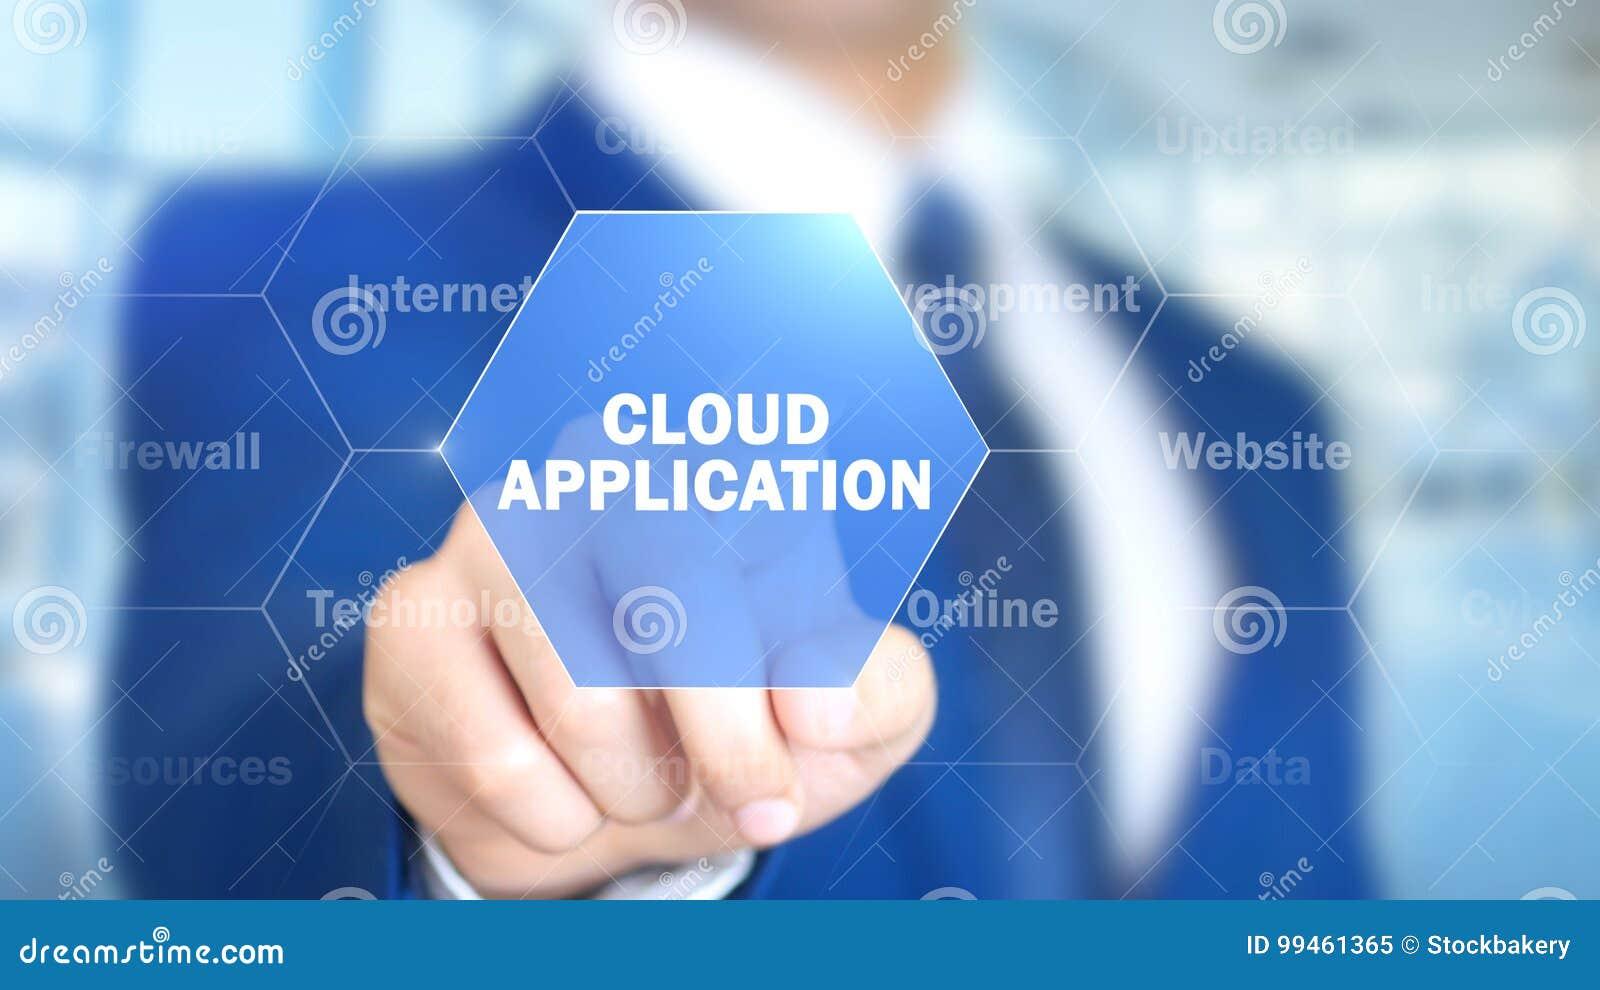 Εφαρμογή σύννεφων, άτομο που λειτουργεί στην ολογραφική διεπαφή, οπτική οθόνη